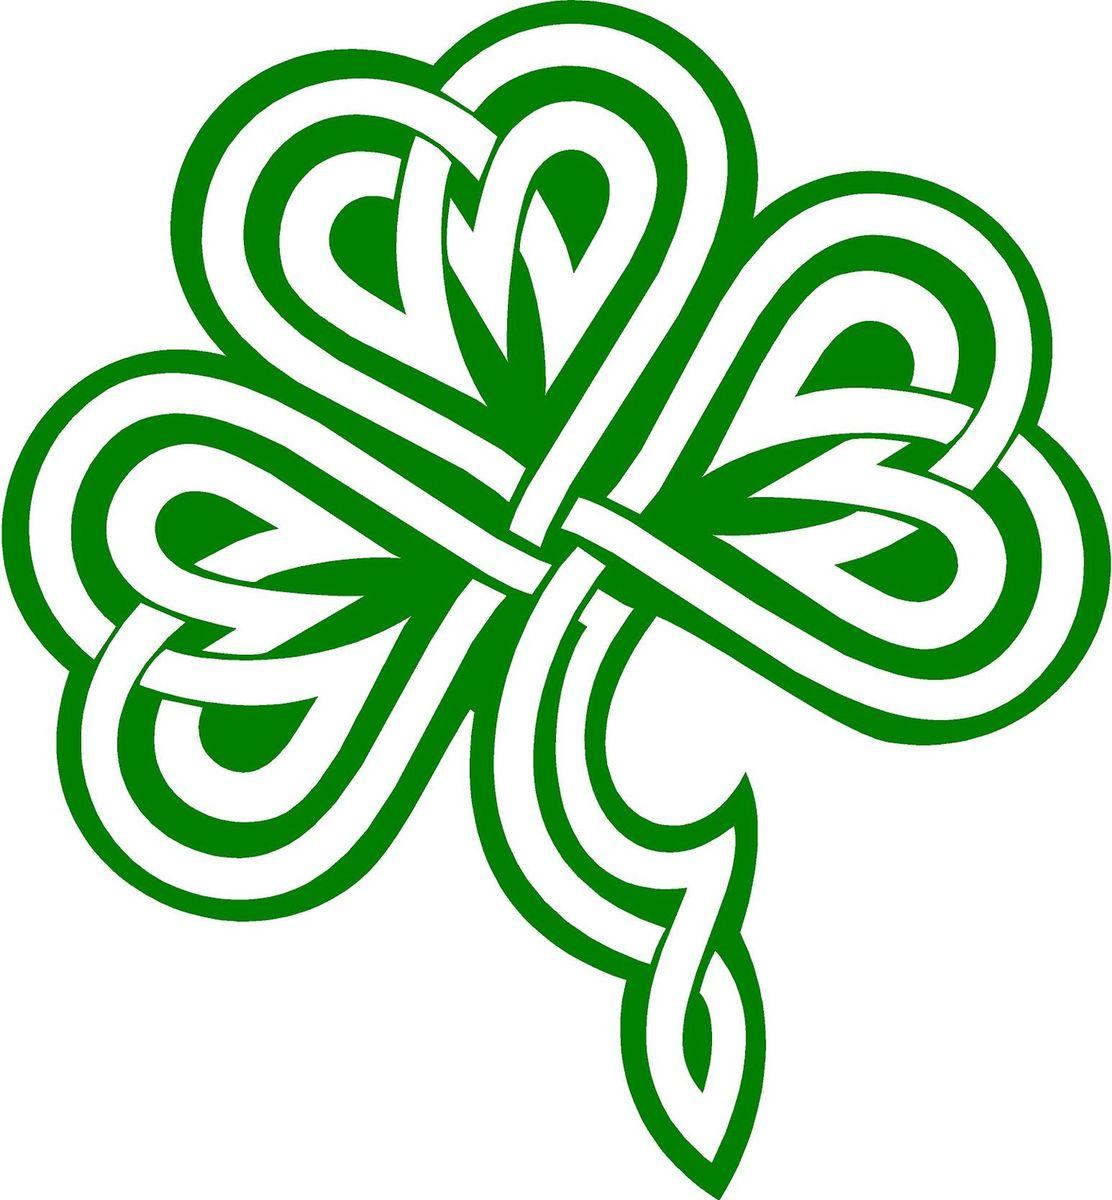 Celt clipart shamrock #10